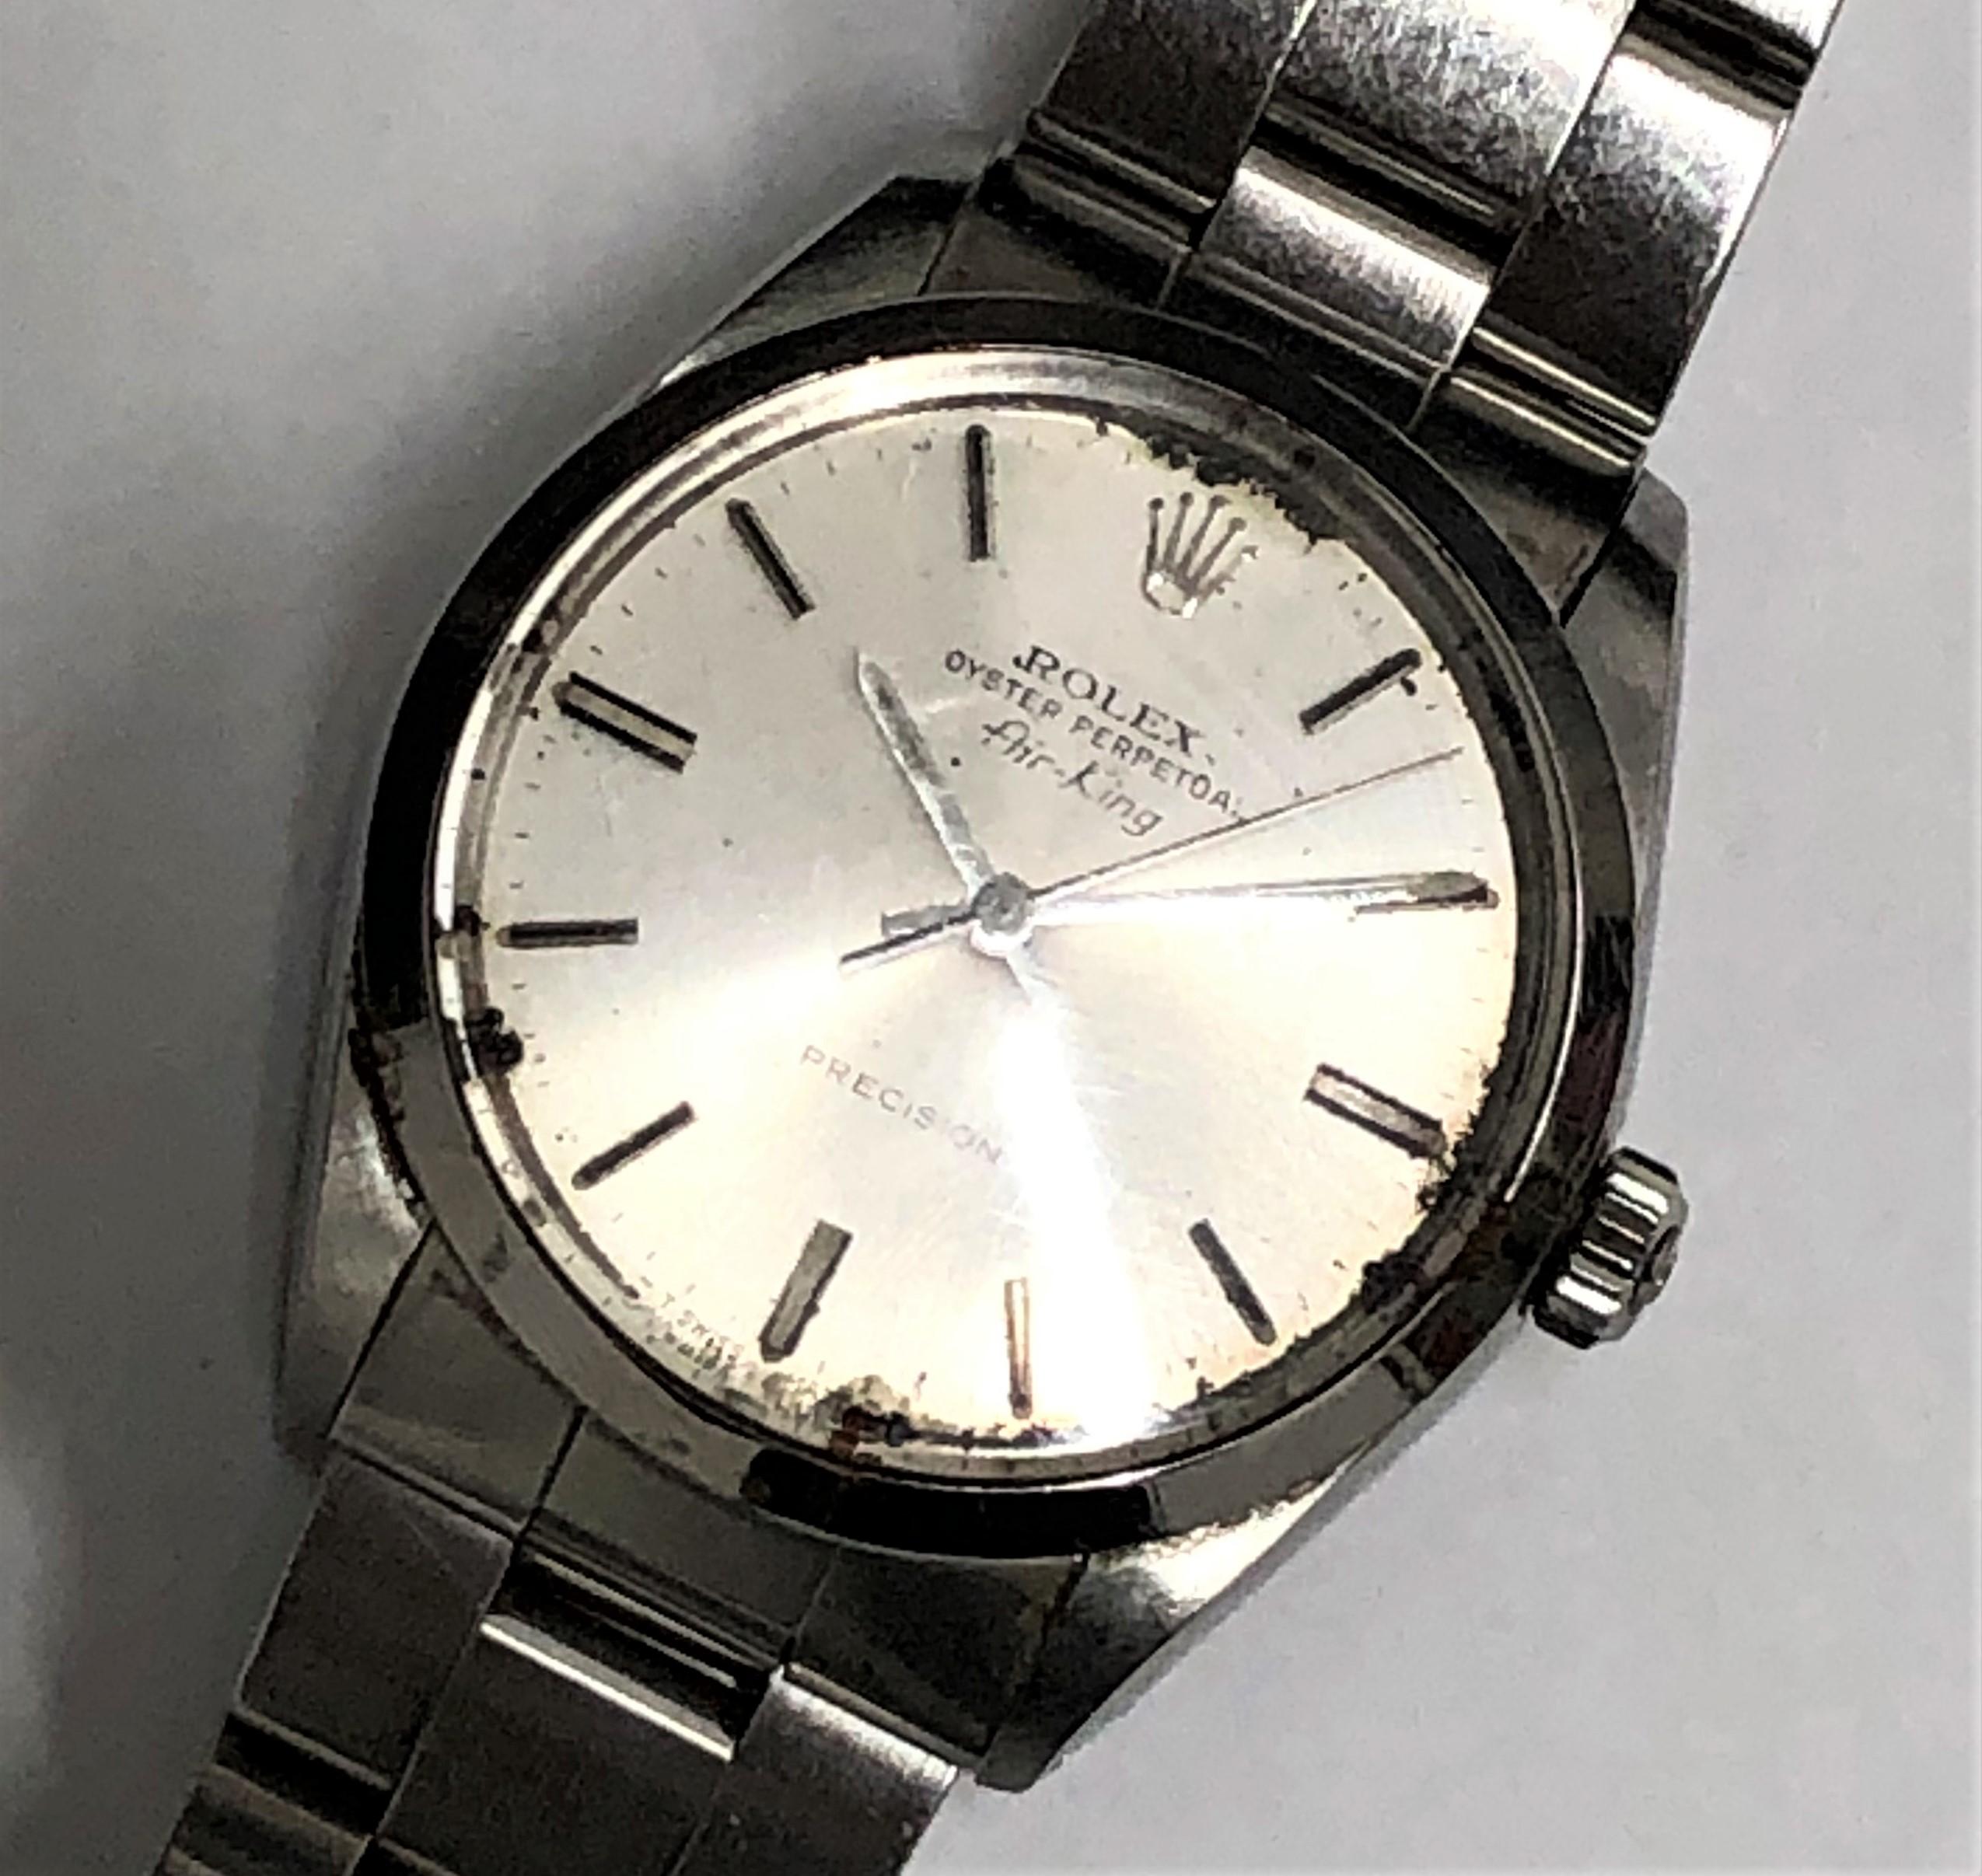 【ROLEX/ロレックス】エアキング 5500 R番 AT 腕時計